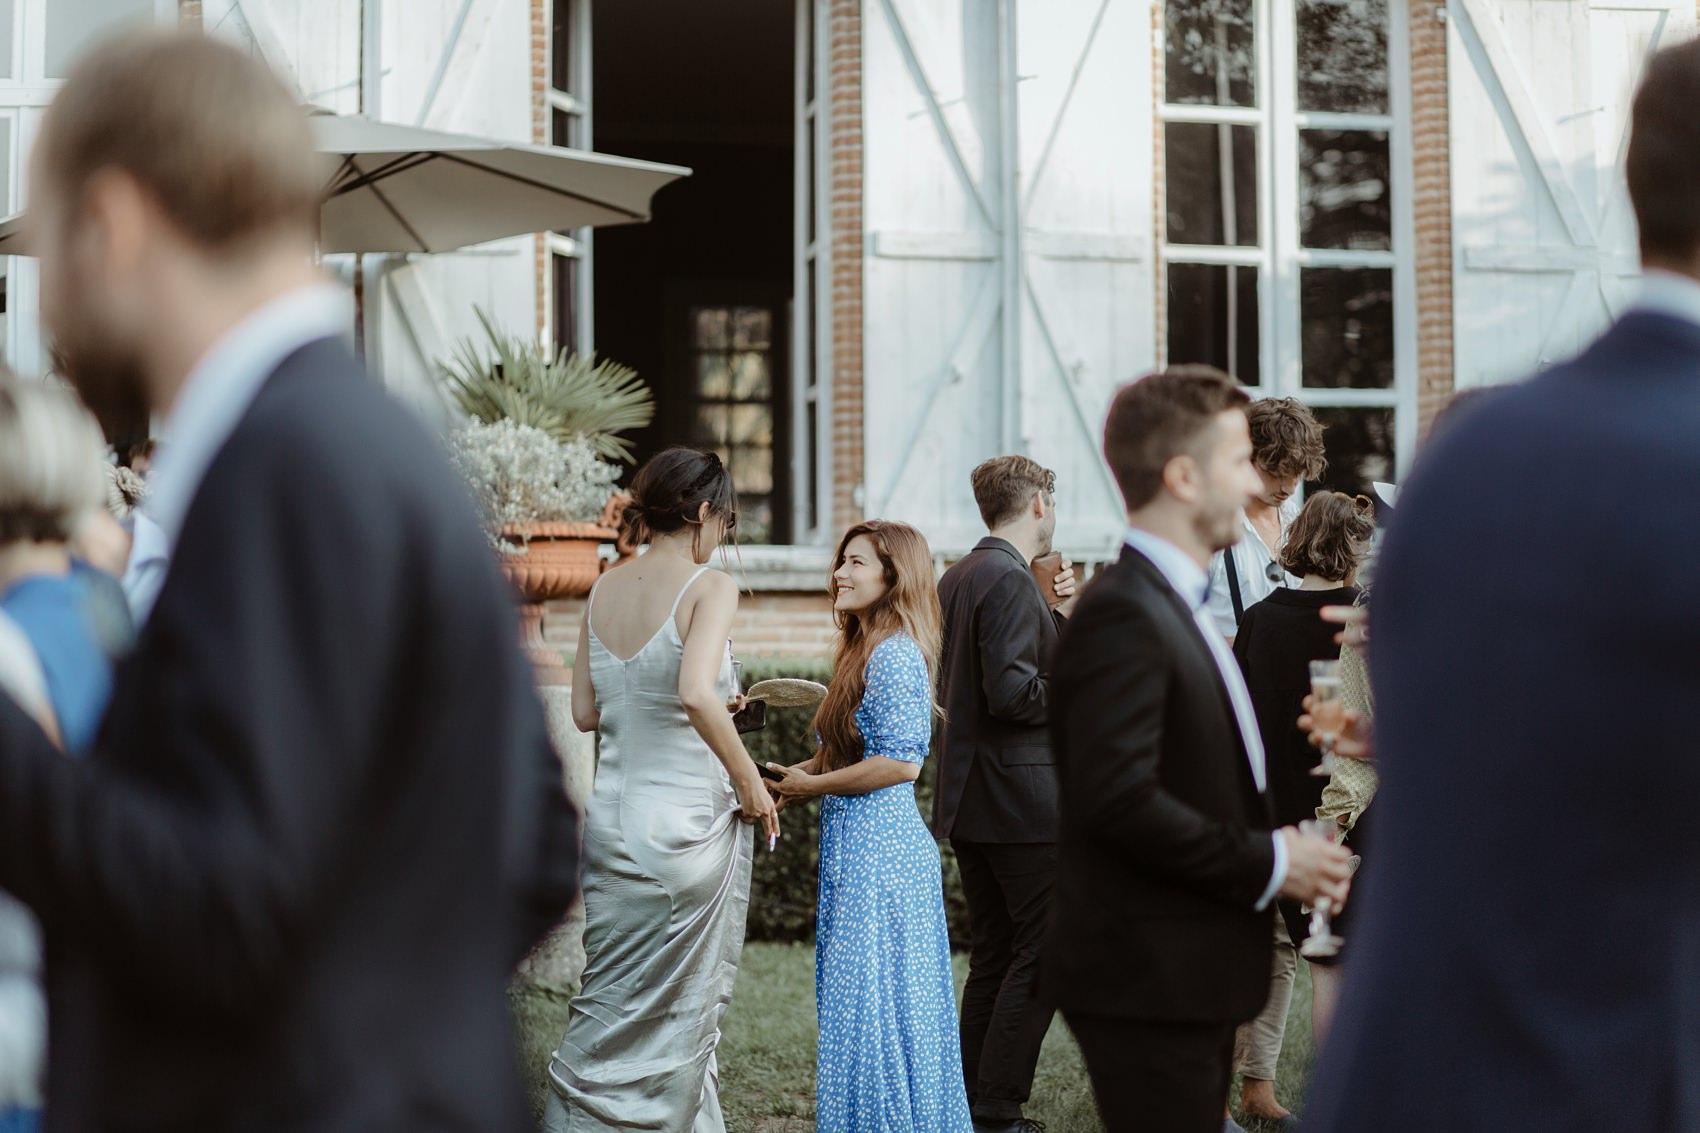 Image prise sur le vif lors d'un cocktail de mariage au Chateau de Lavalade